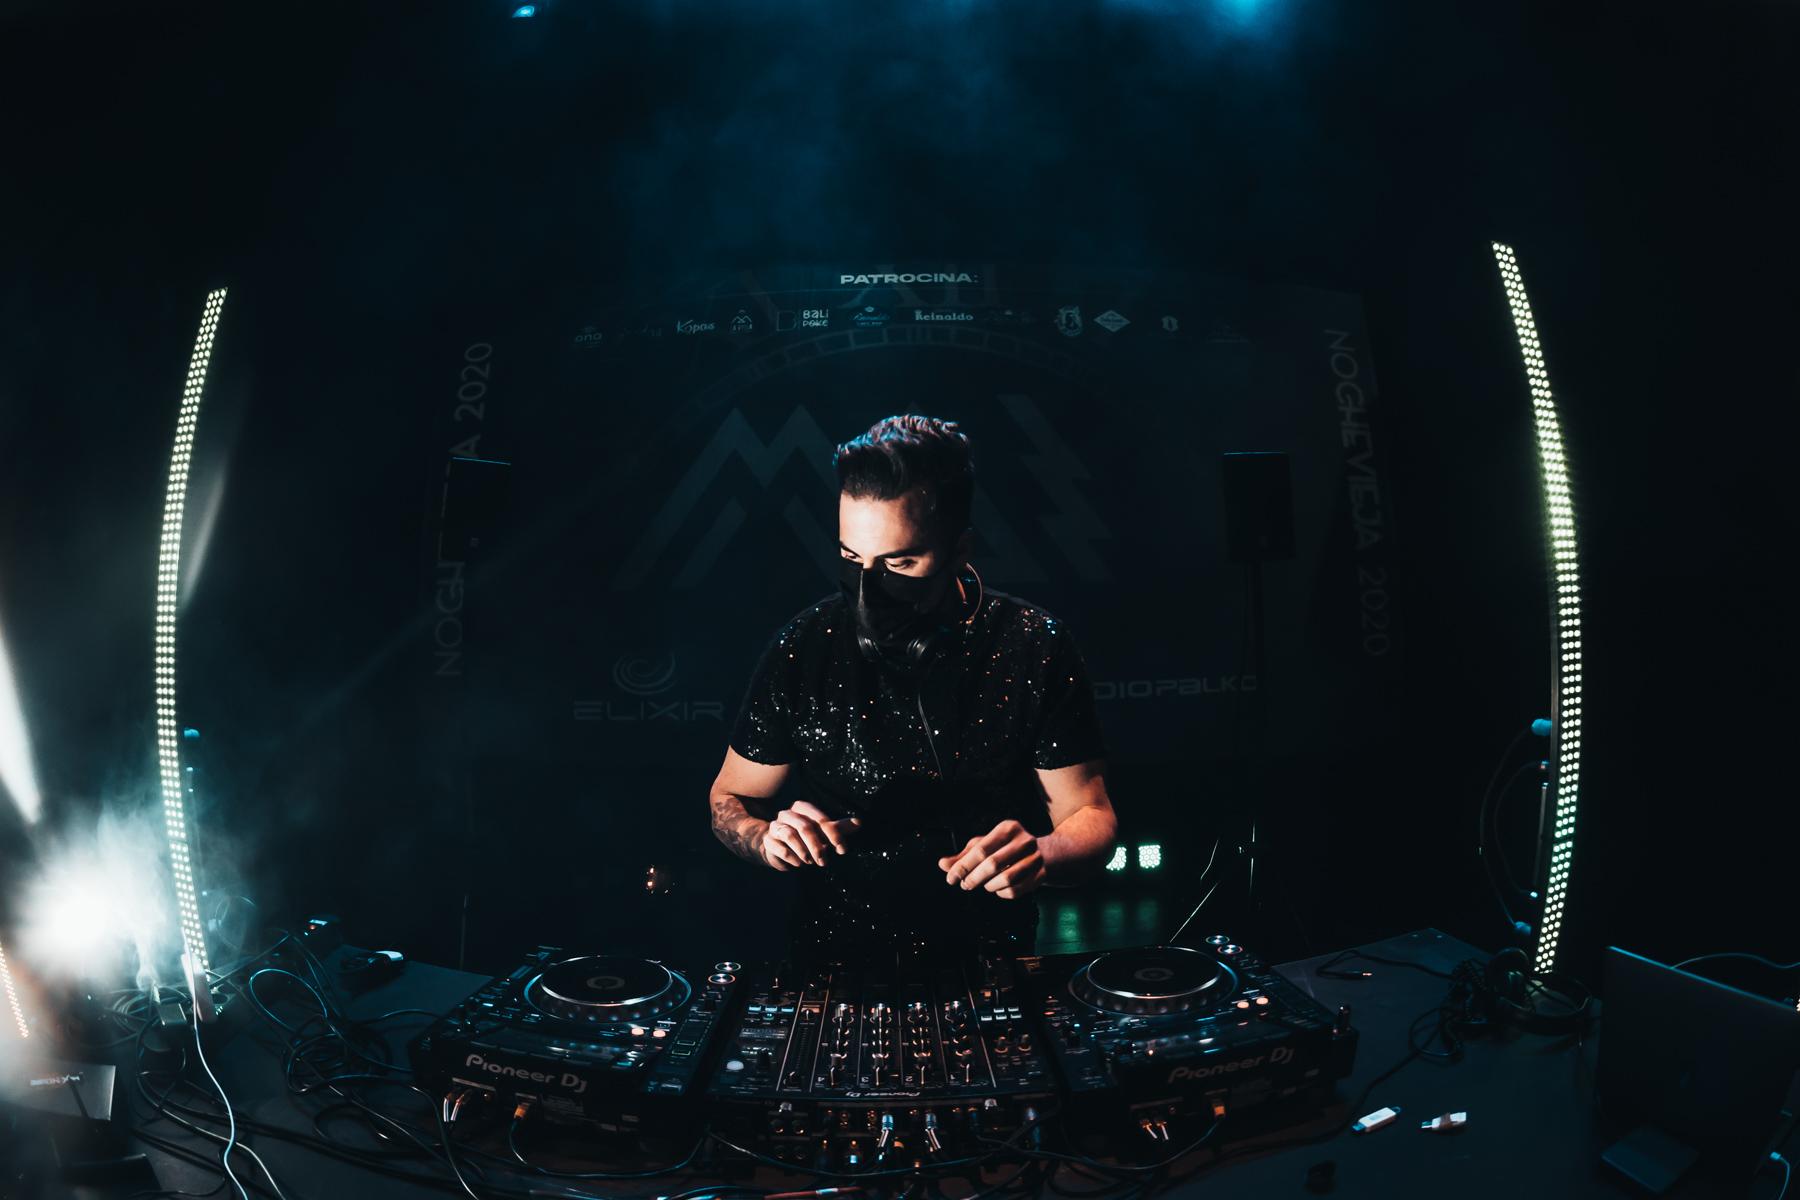 DJMai - DJ para bodas y eventos privados